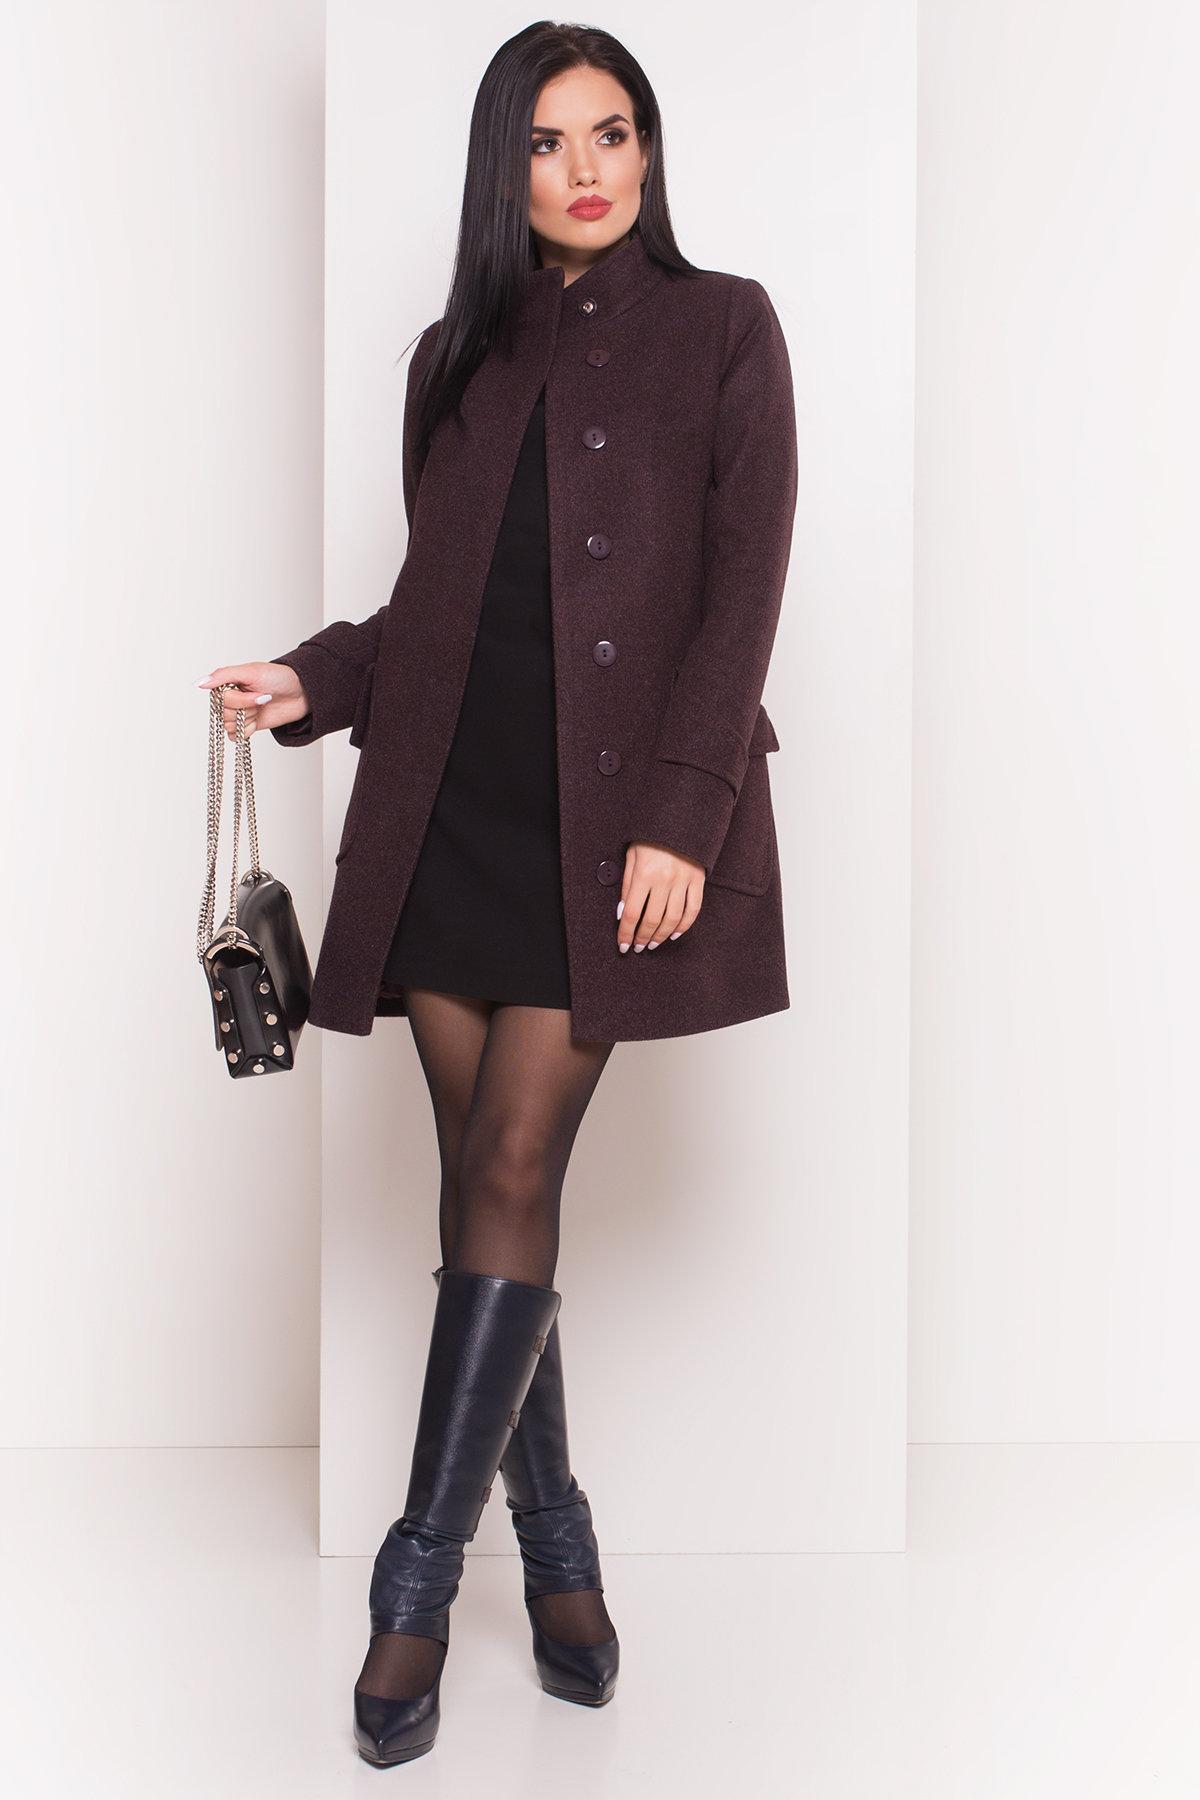 Демисезонное пальто с воротником стойка Эста 5417 АРТ. 36792 Цвет: Марсала - фото 3, интернет магазин tm-modus.ru